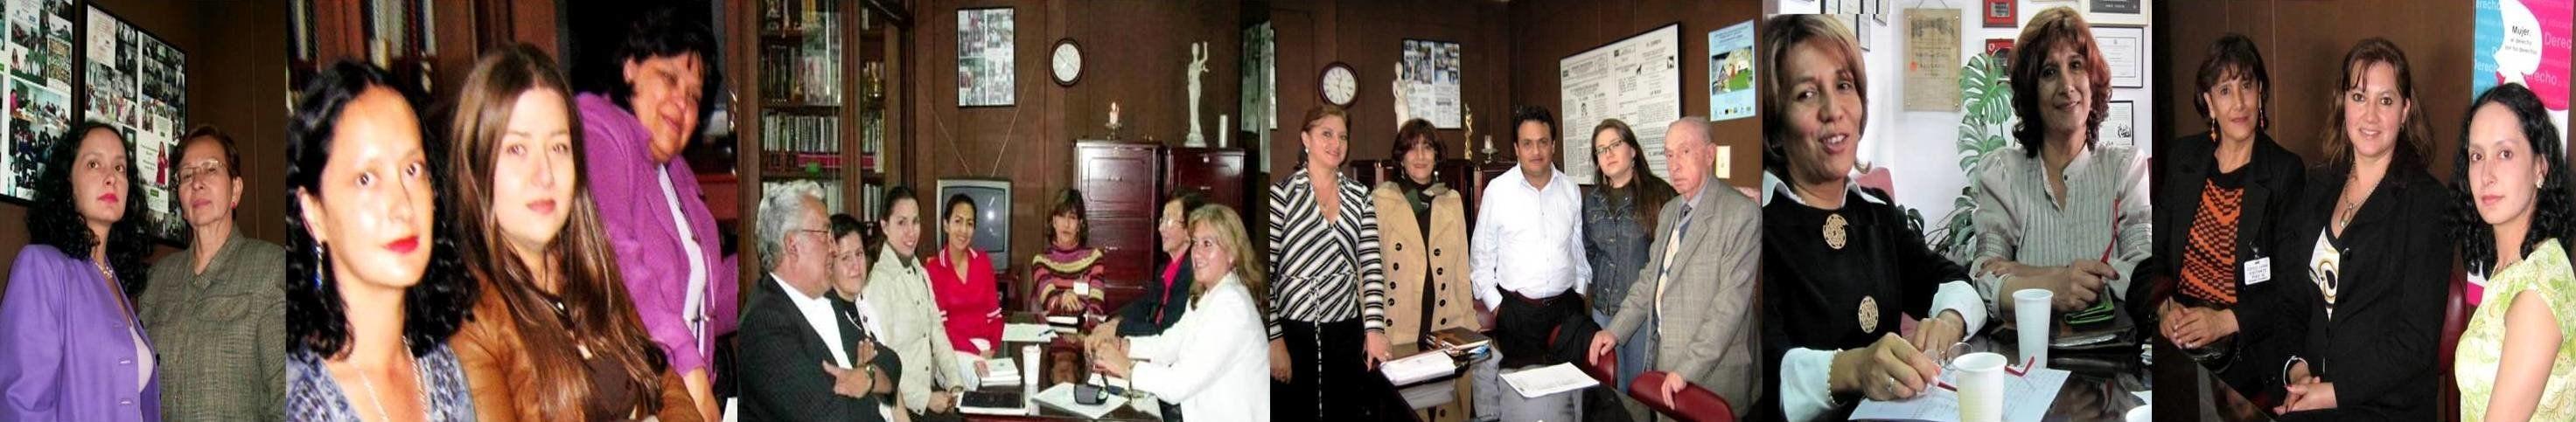 collage-2011-centro-de-conciliacion-crearc